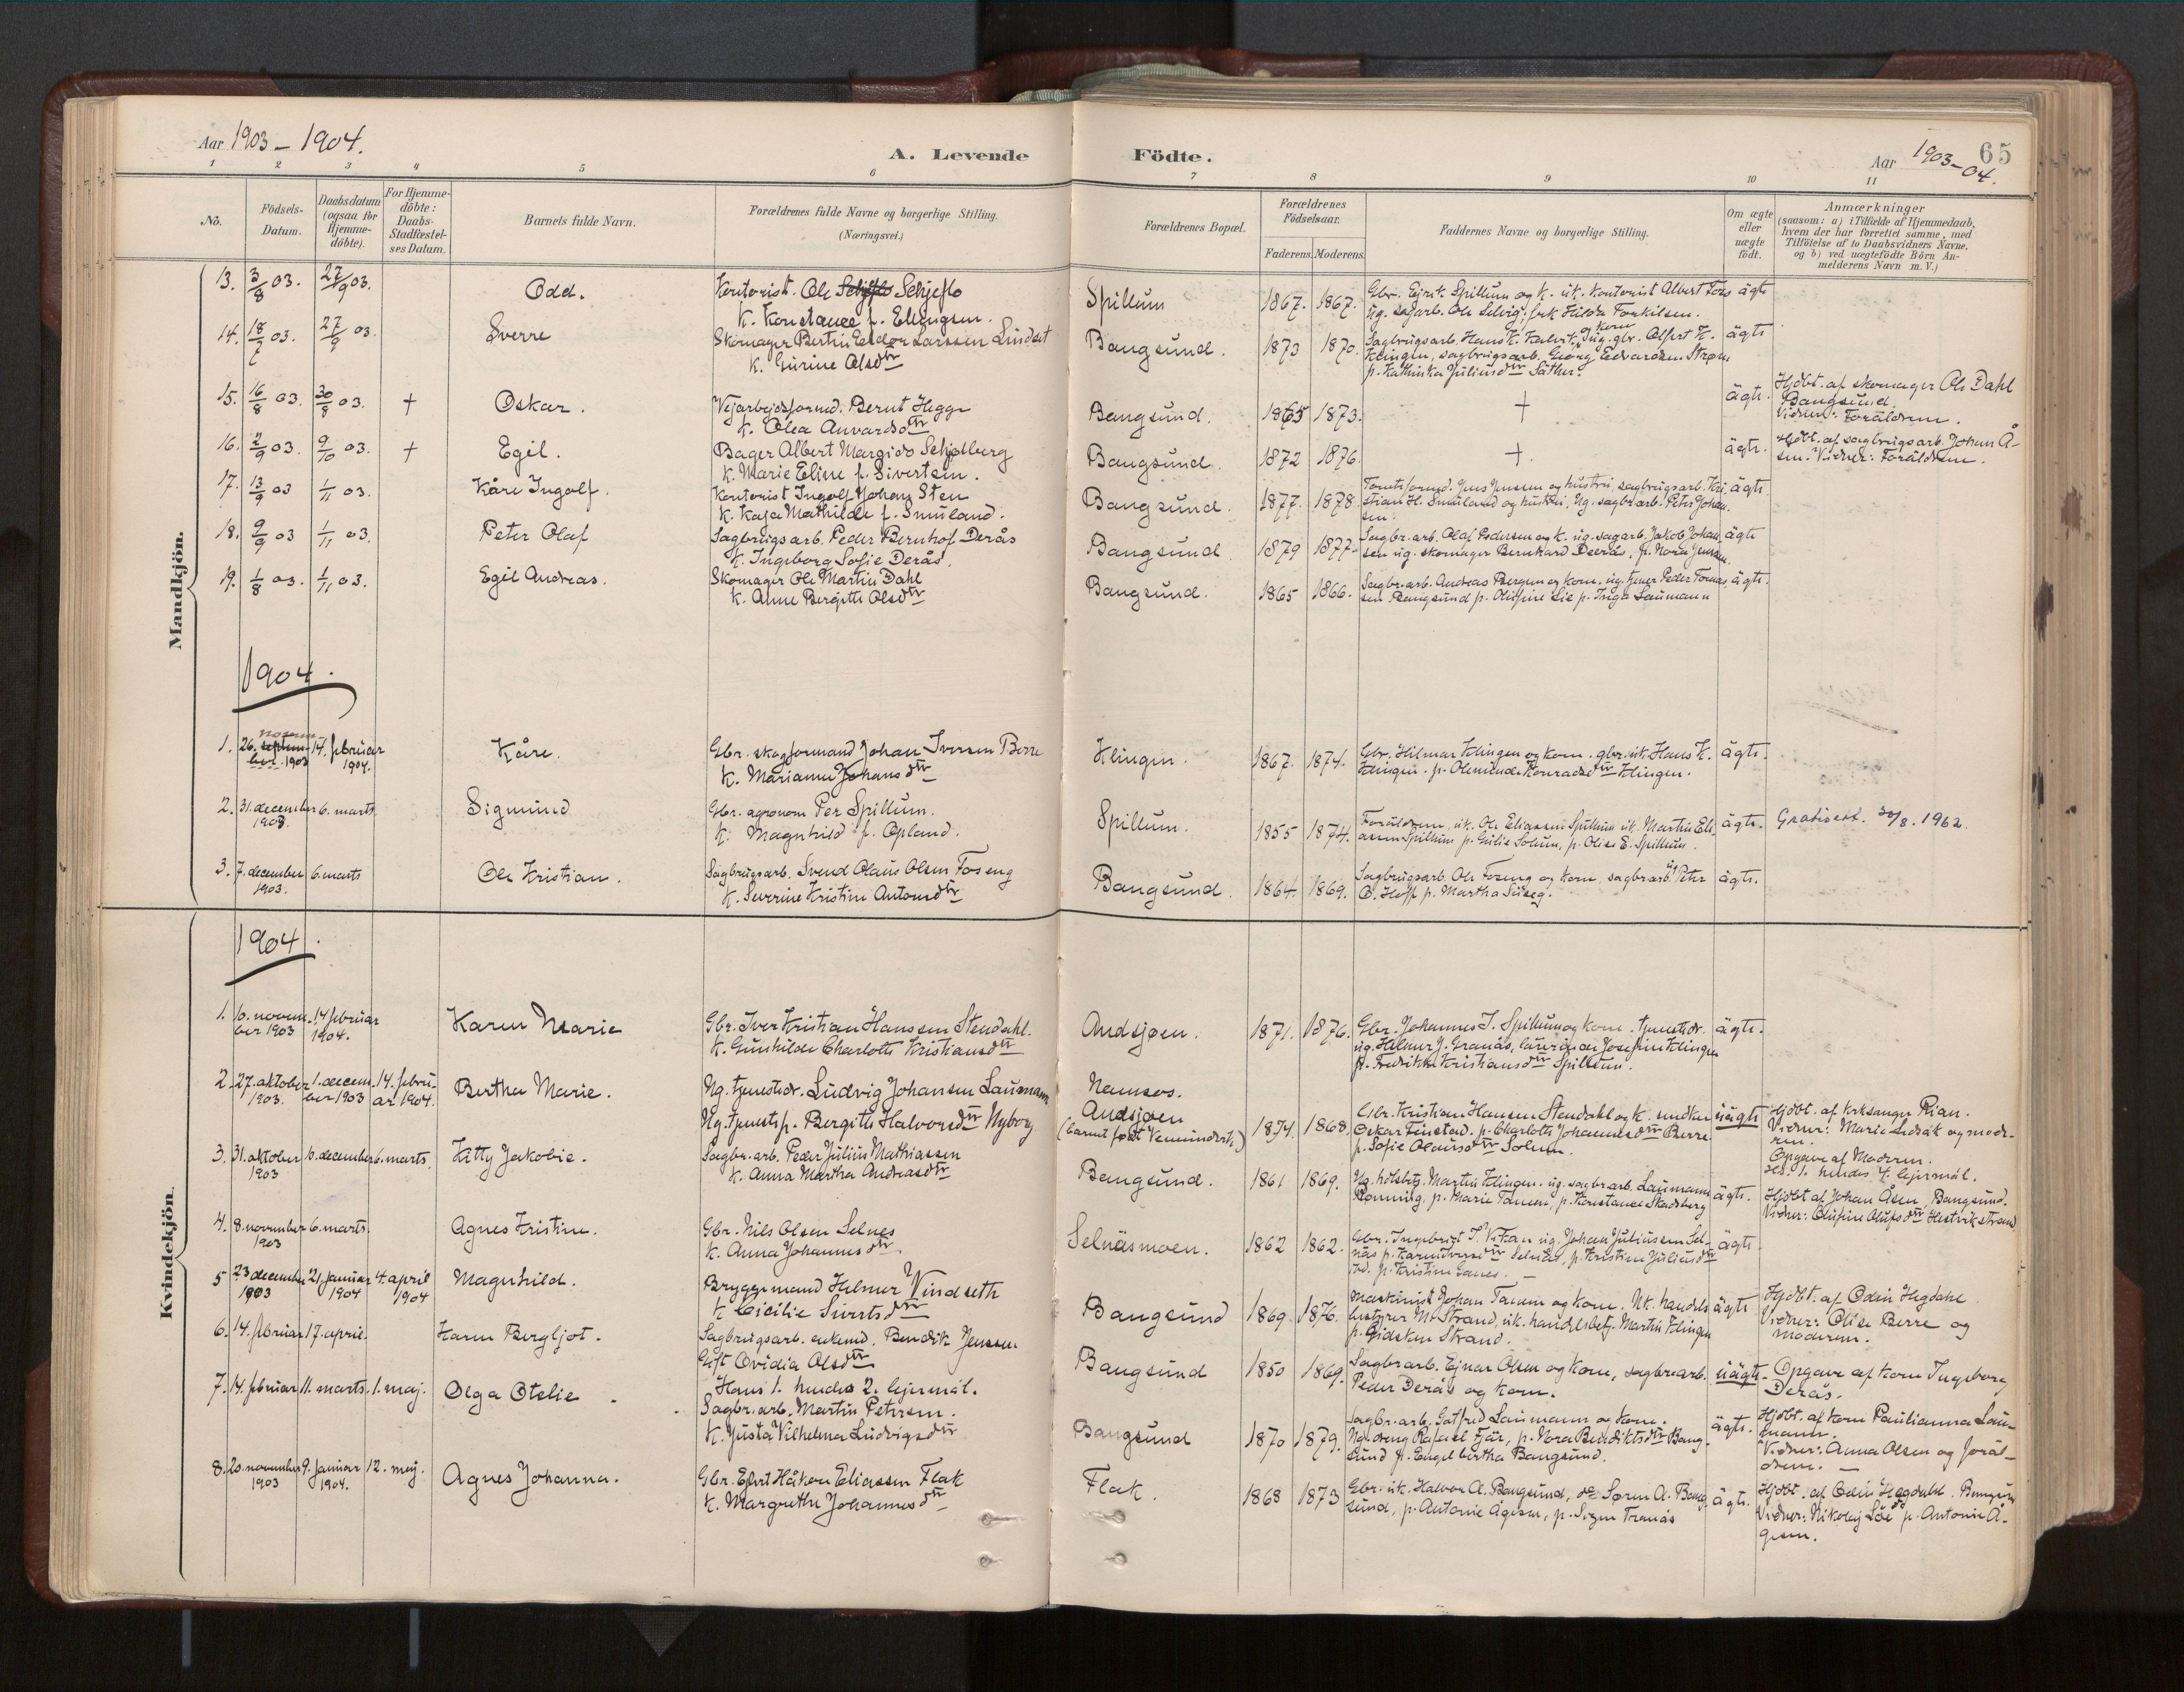 SAT, Ministerialprotokoller, klokkerbøker og fødselsregistre - Nord-Trøndelag, 770/L0589: Ministerialbok nr. 770A03, 1887-1929, s. 65